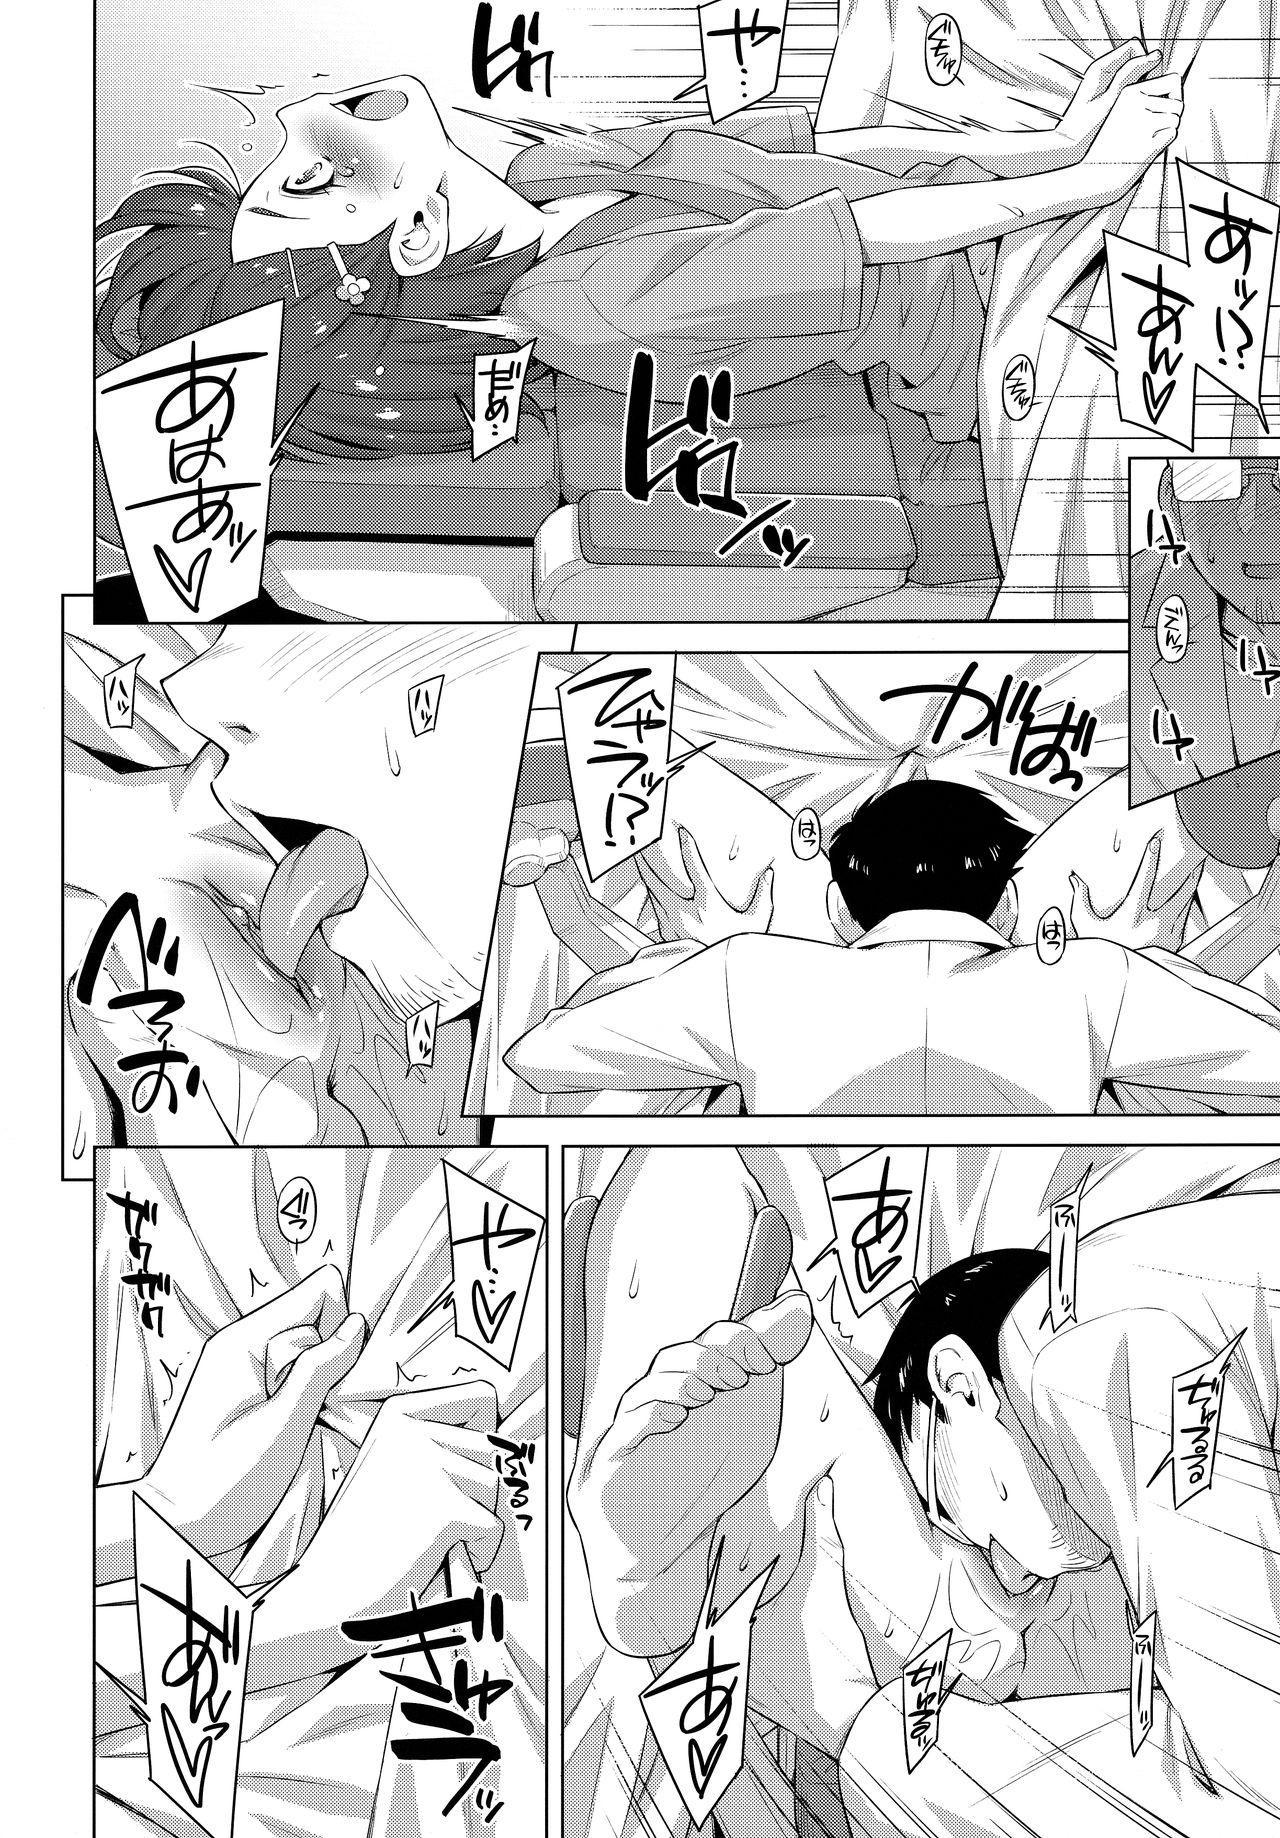 Boku no Shinryoujo e Youkoso. 20